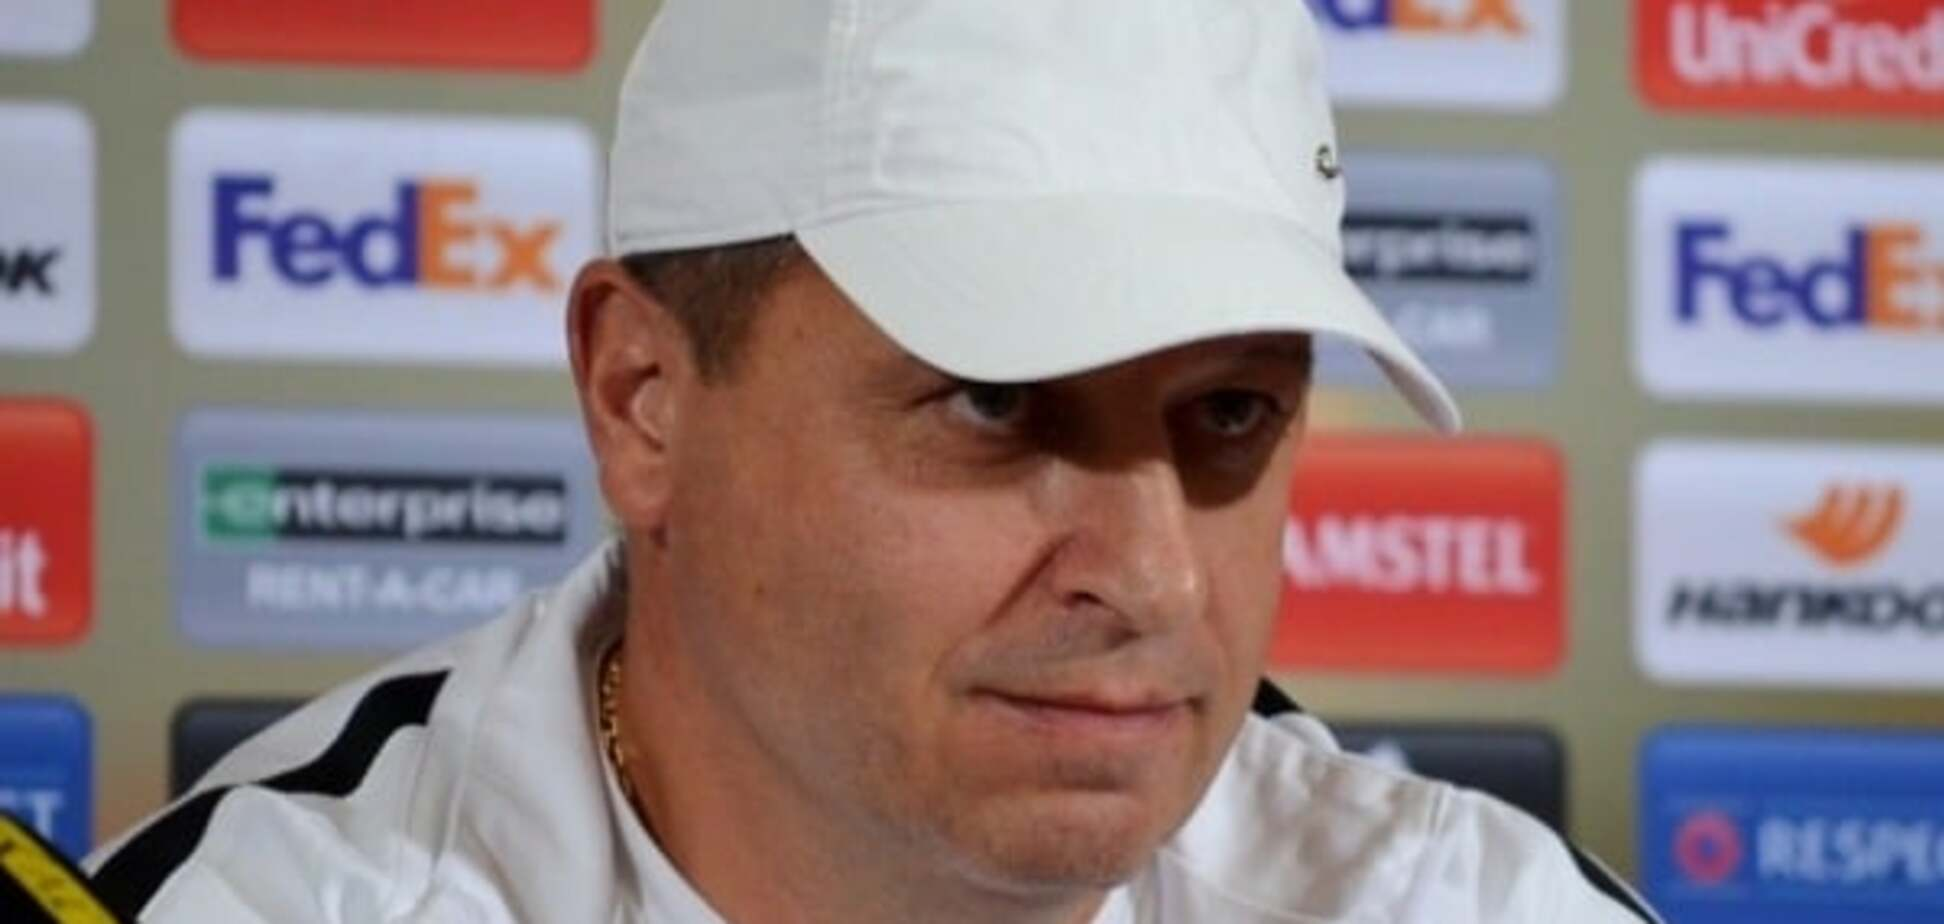 'Регион, где идет война': тренер 'Зари' эмоционально рассказал о Луганске всей Европе